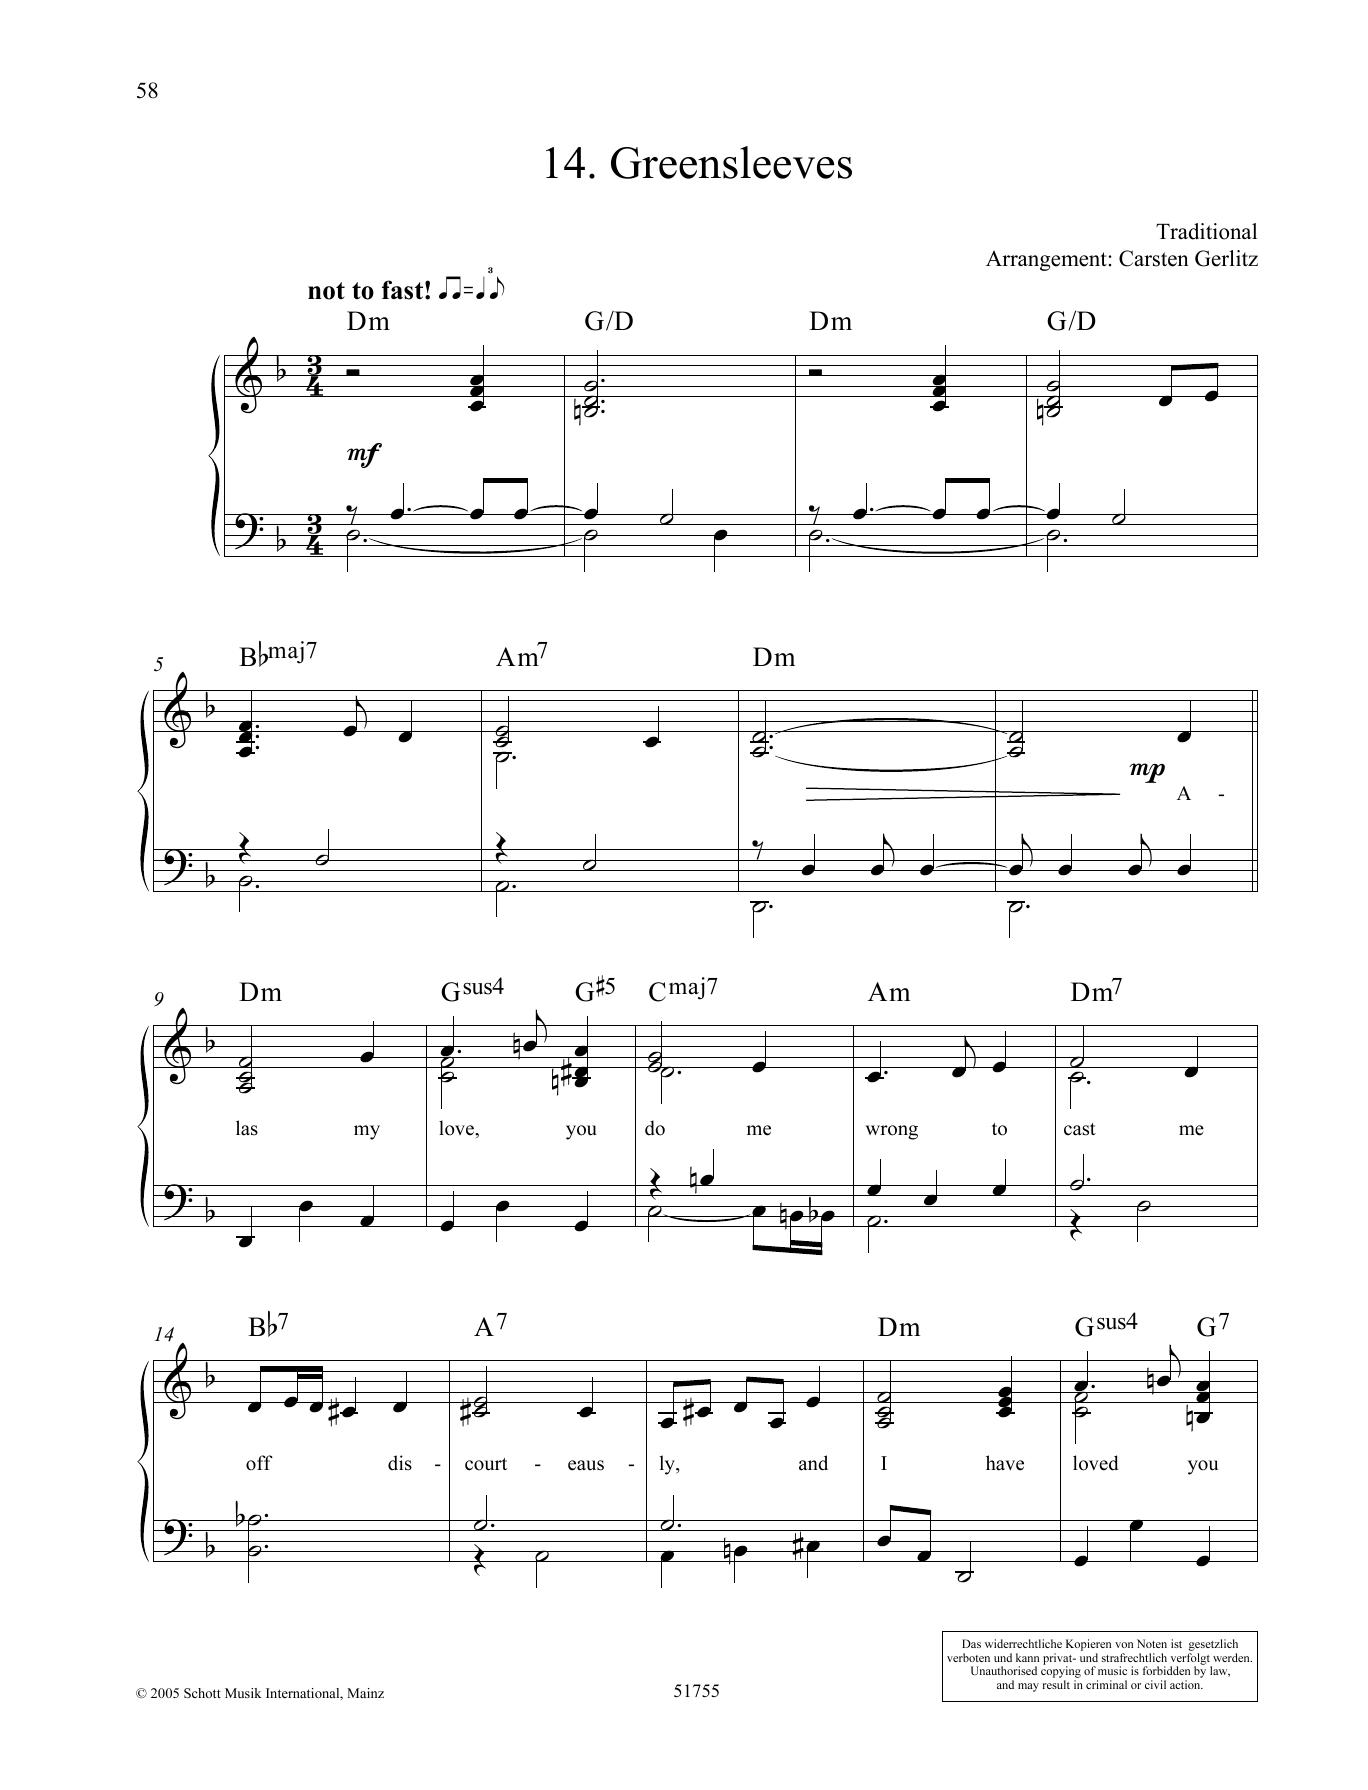 Greensleeves Sheet Music